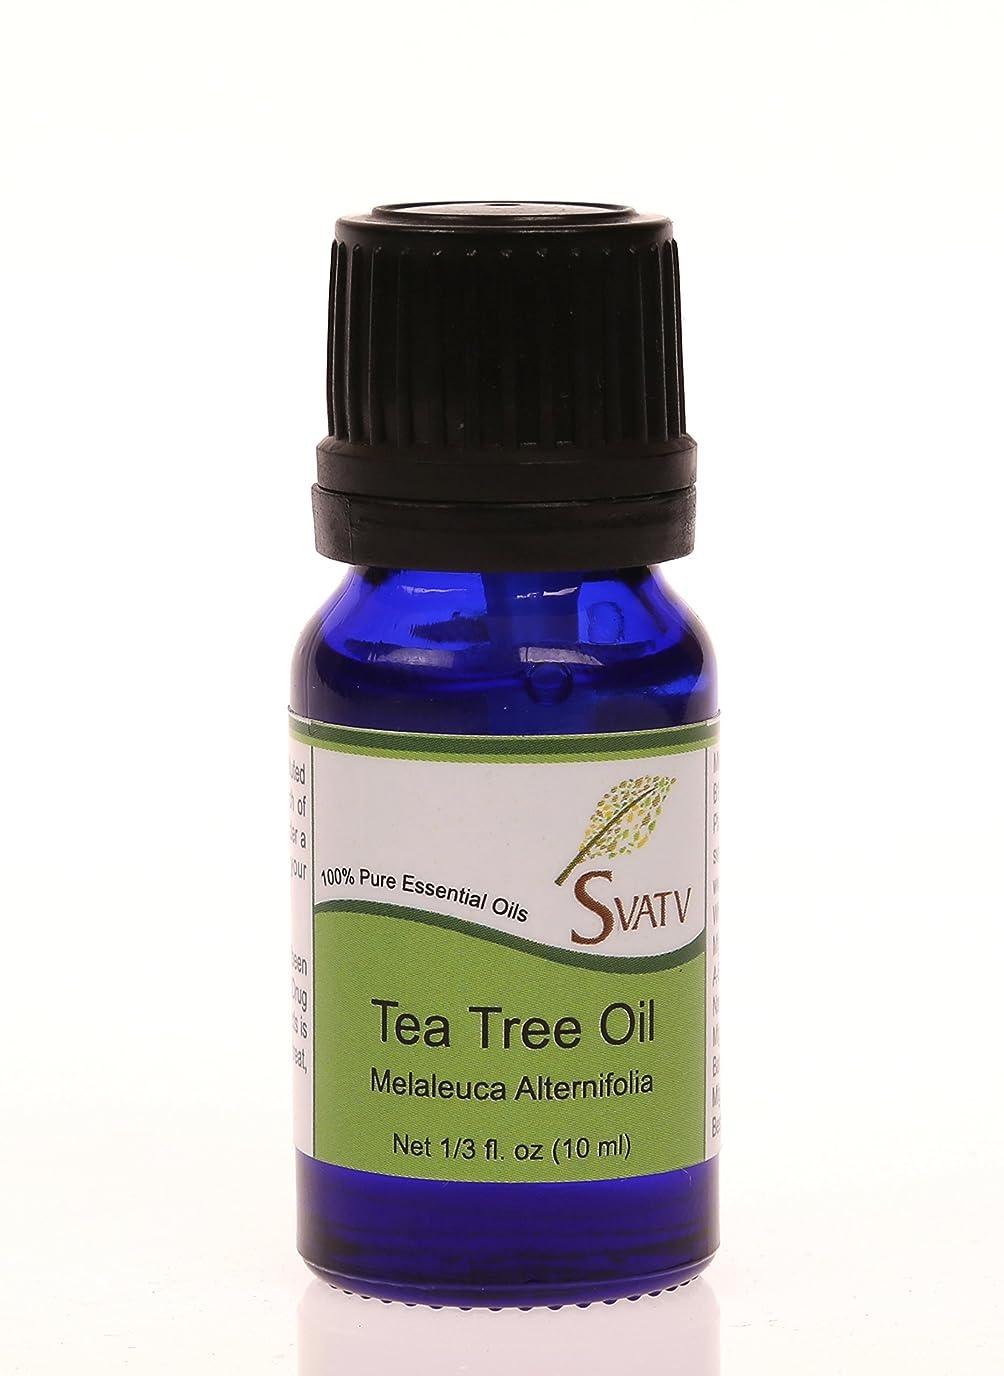 ステップ交流する満員SVATVティーツリー(Melaleuca alternifolia)エッセンシャルオイル10mL(1/3オンス)100%純粋な、希釈されていない、治療グレード